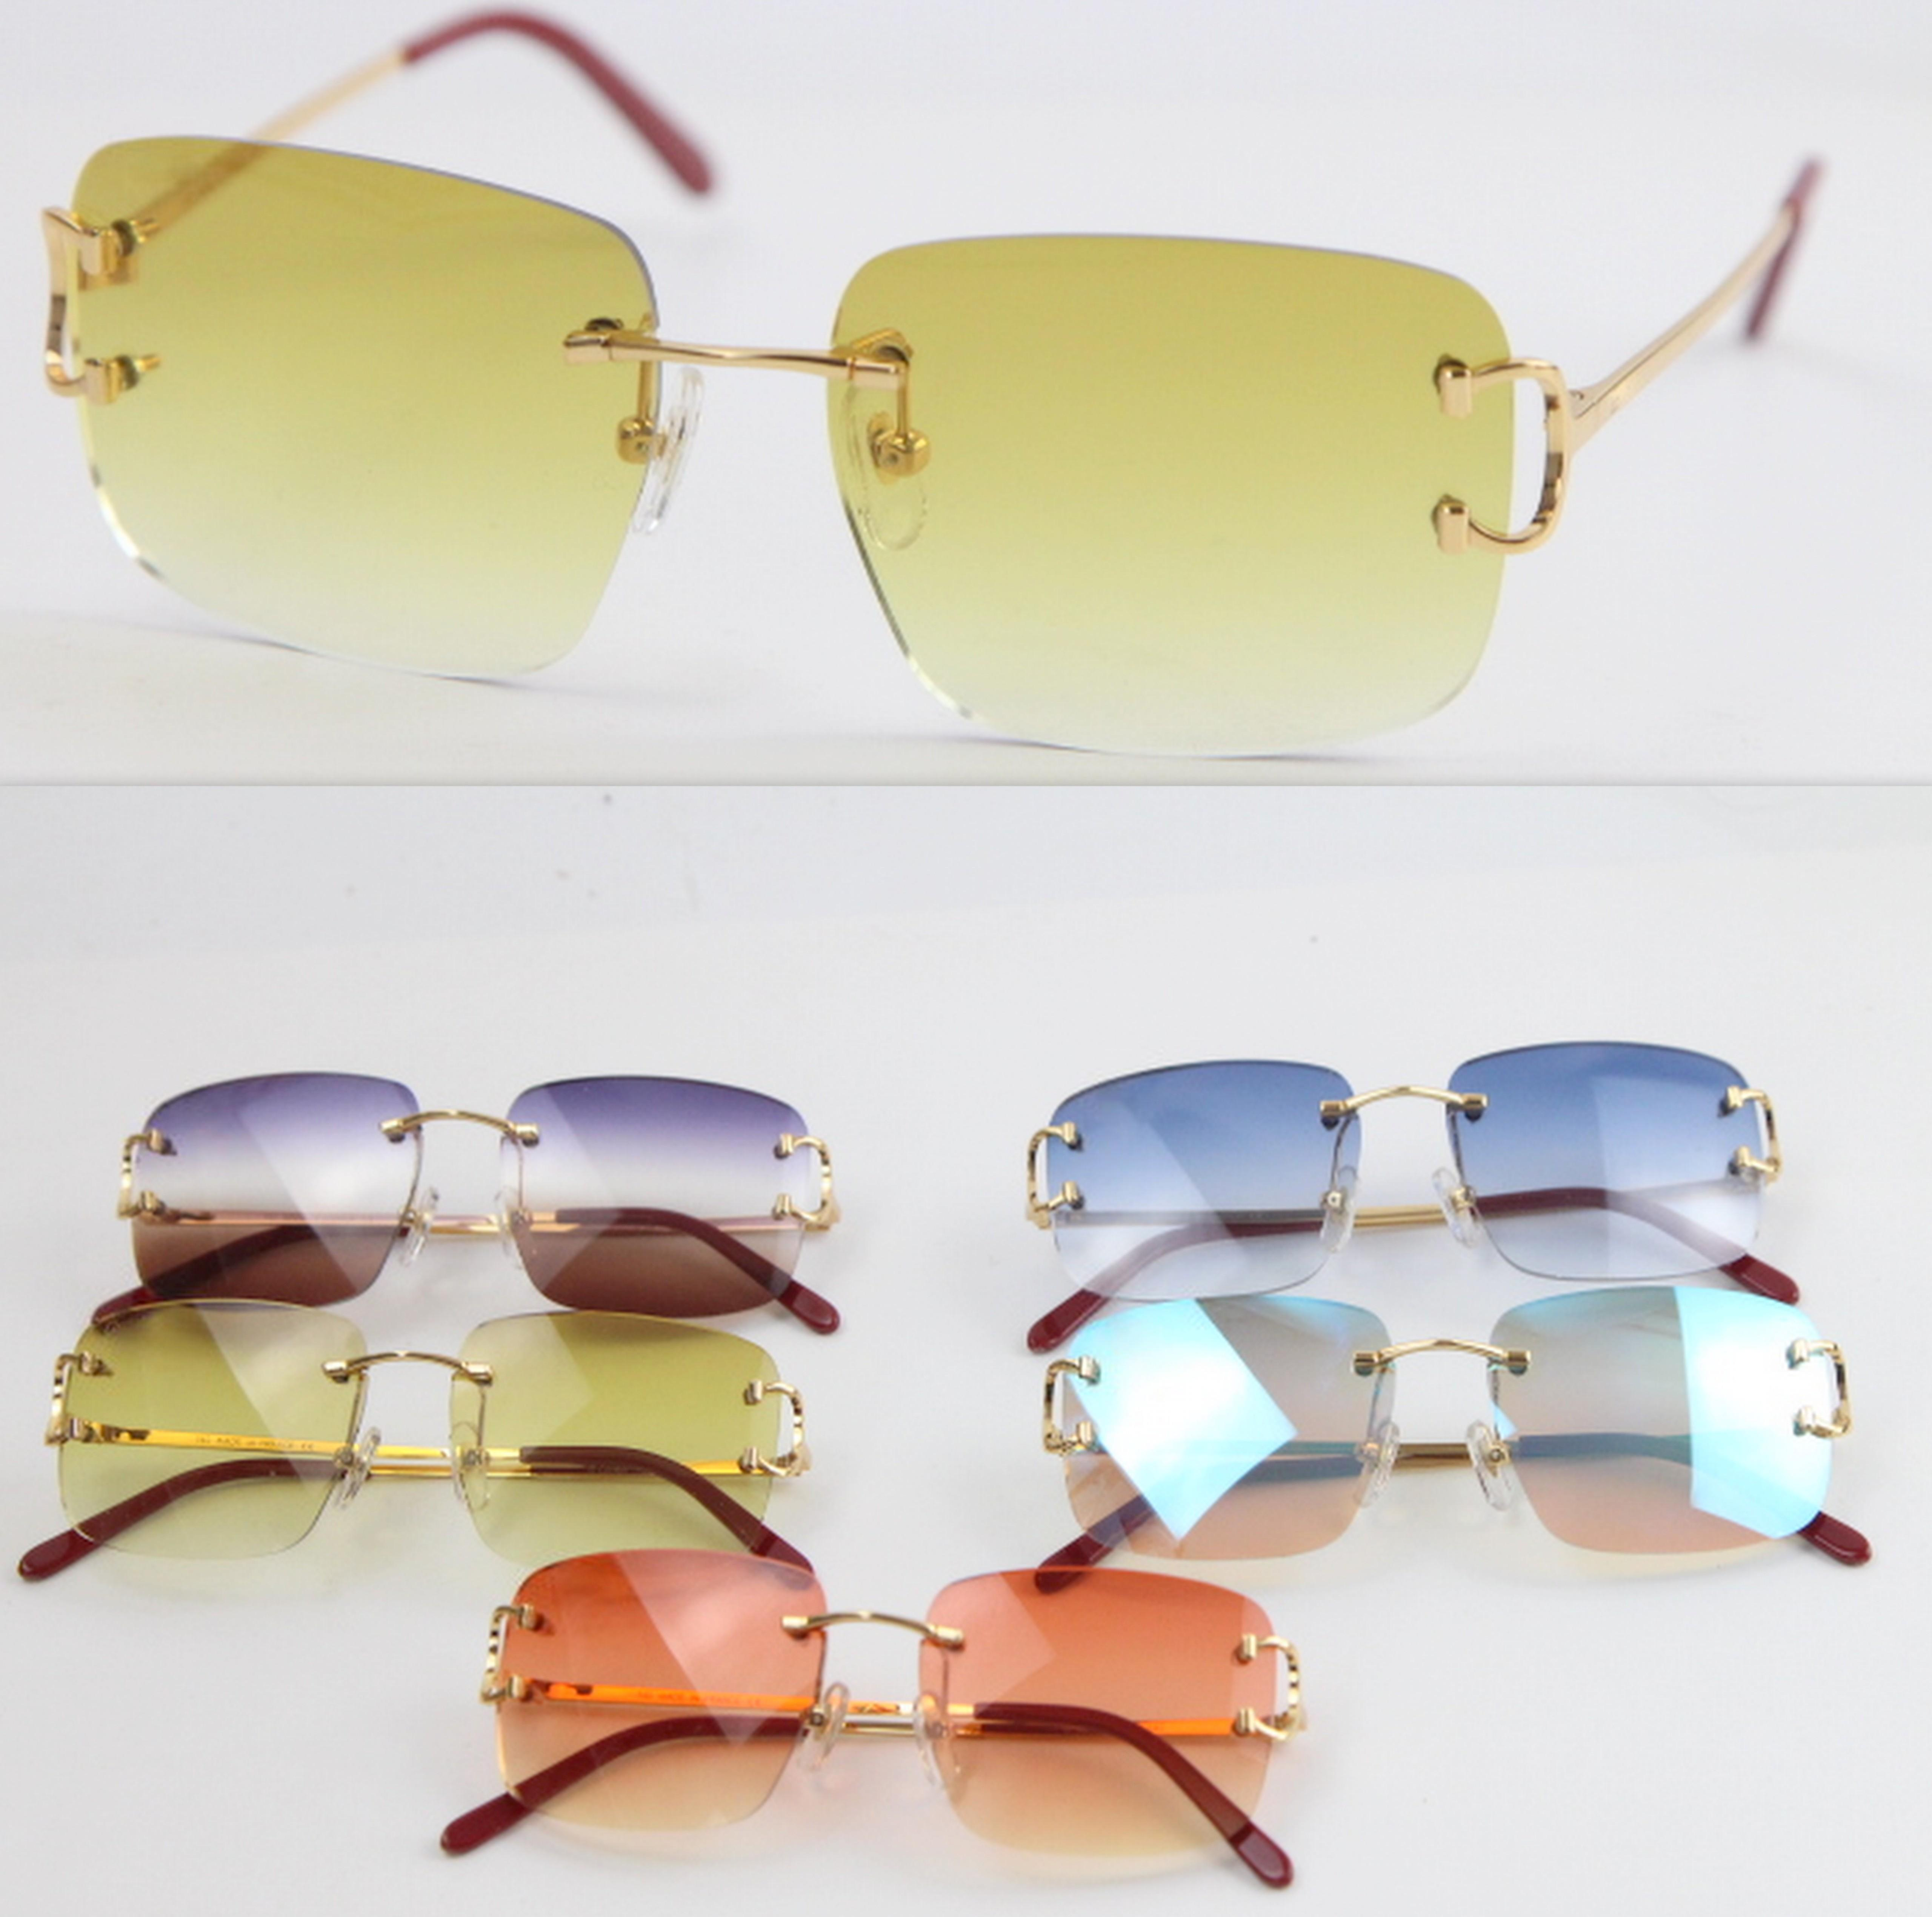 Стиль солнцезащитные очки без RIMLEL T8200816 нежный унисекс мода металлические солнцем вождения очки C украшения OK0FN 5TB7P